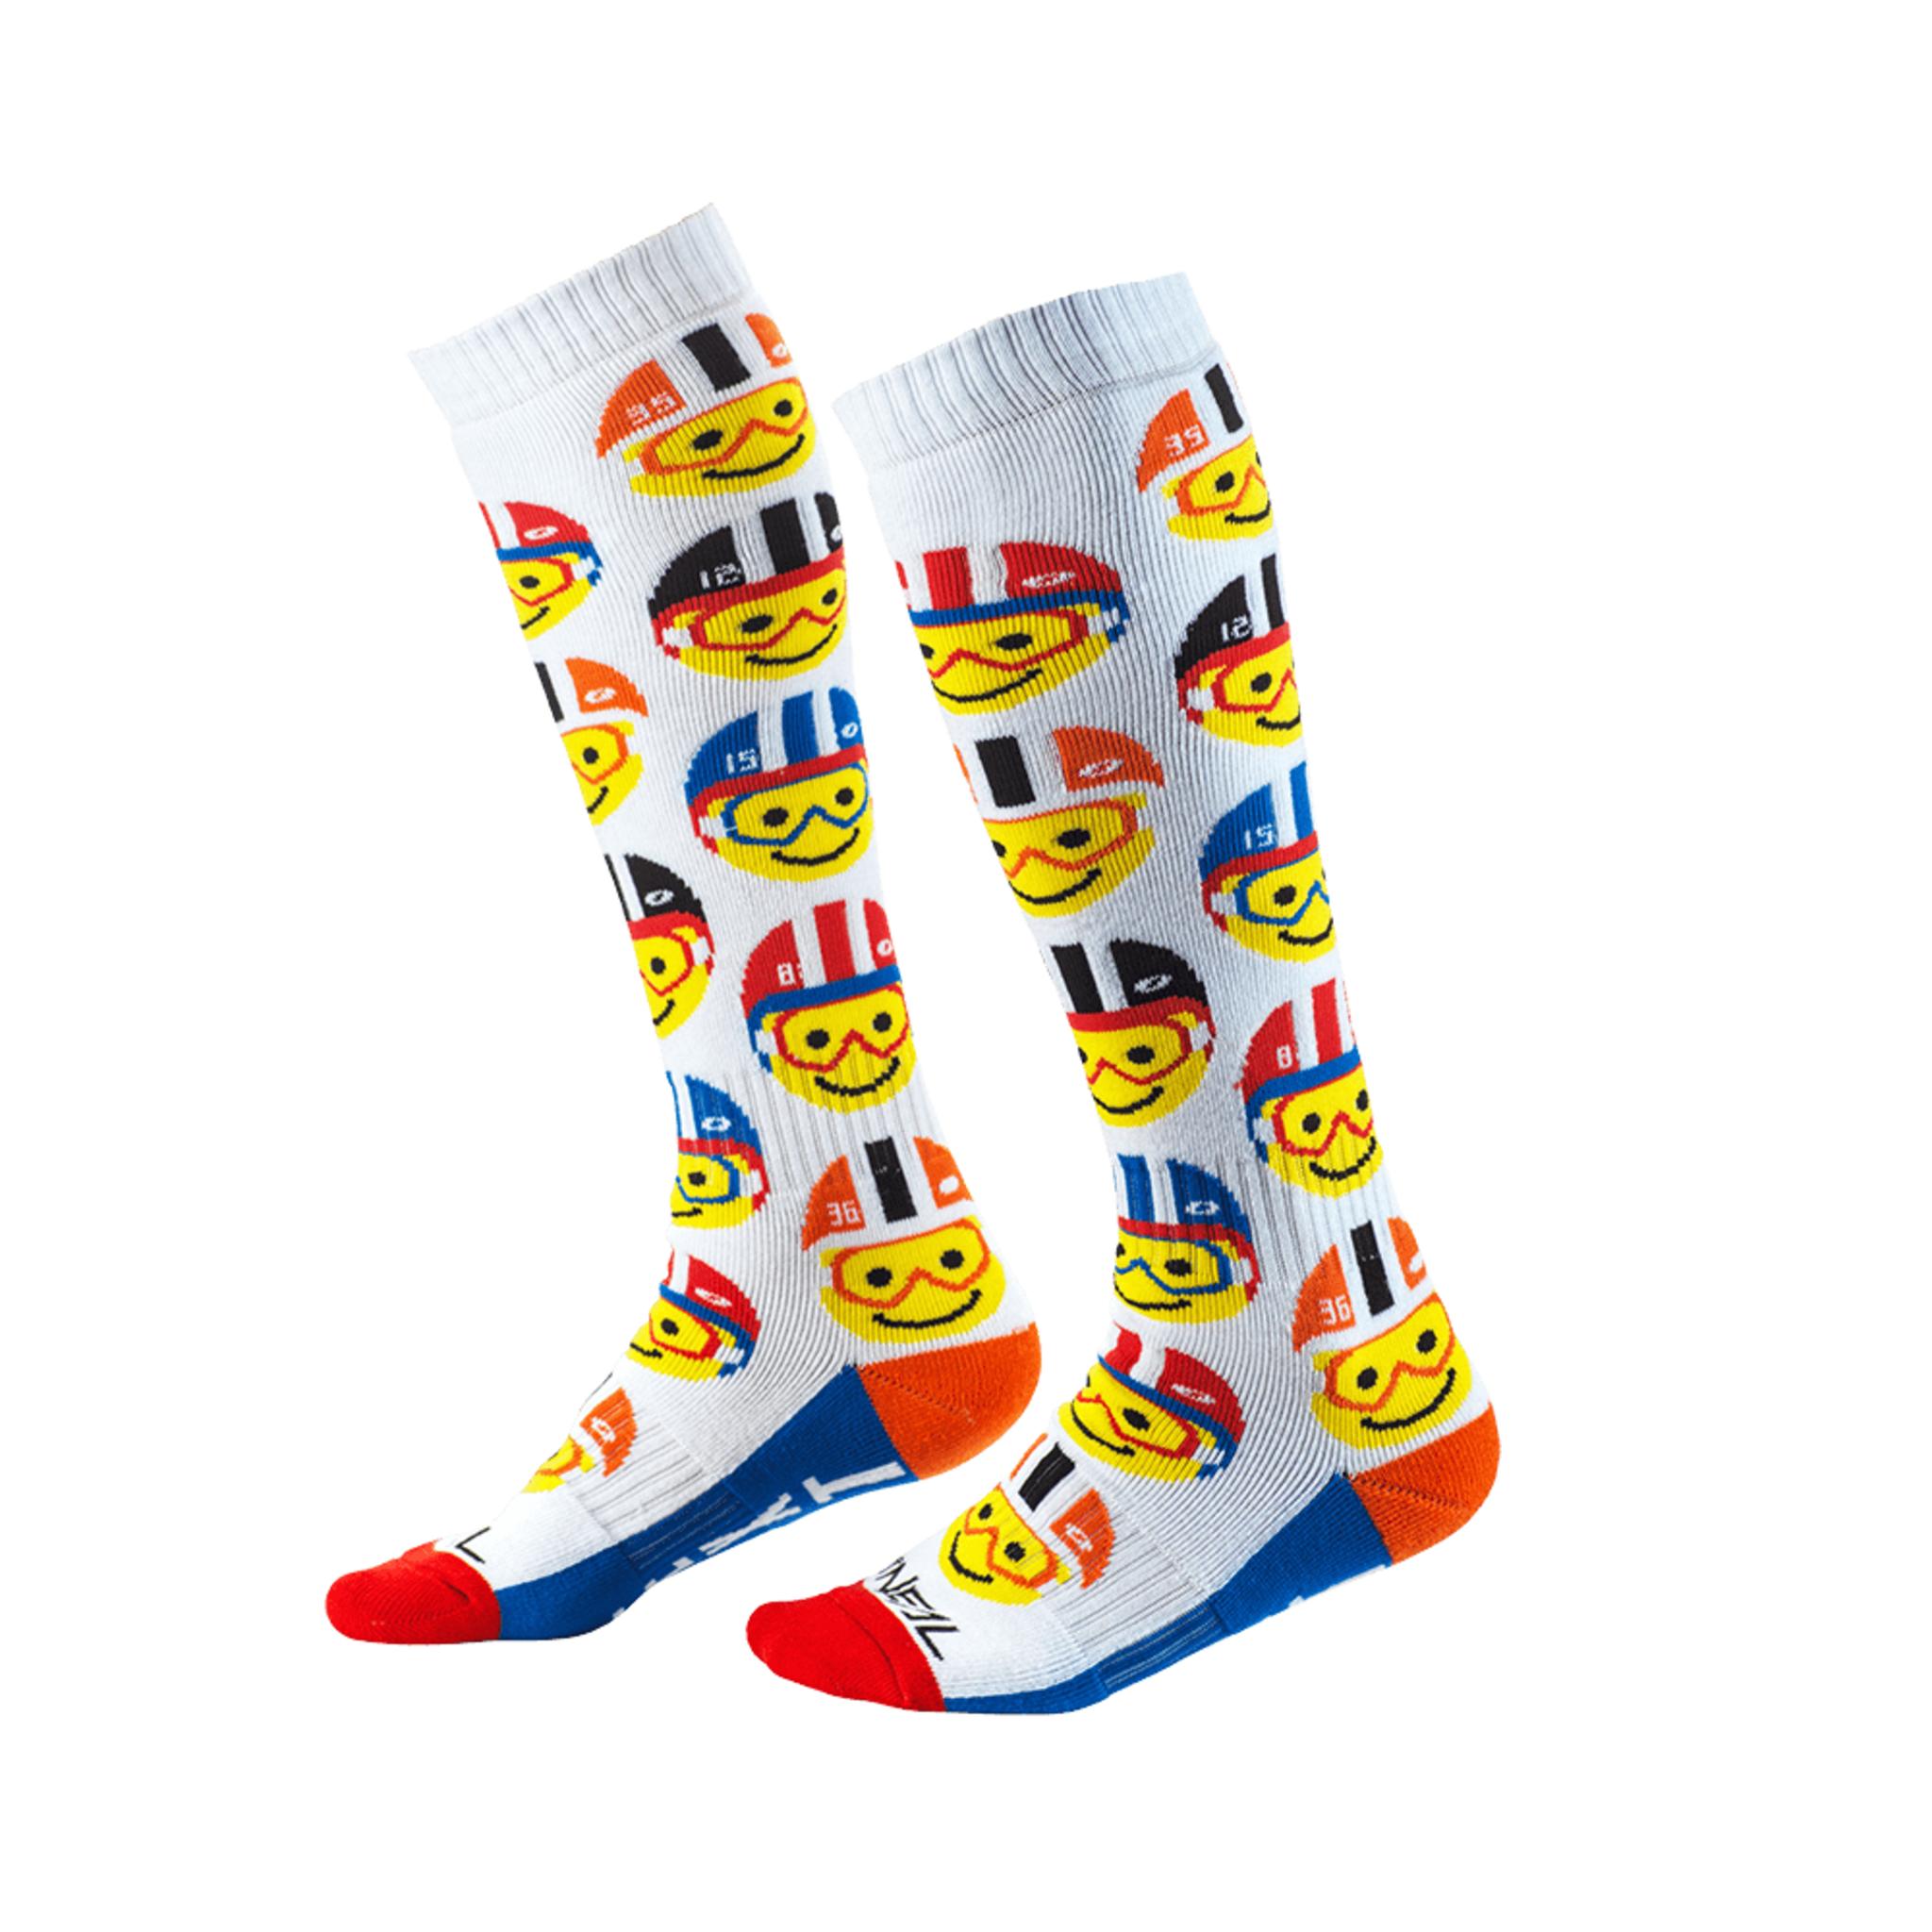 Носки для мотокросса Pro Mx Emoji Racer